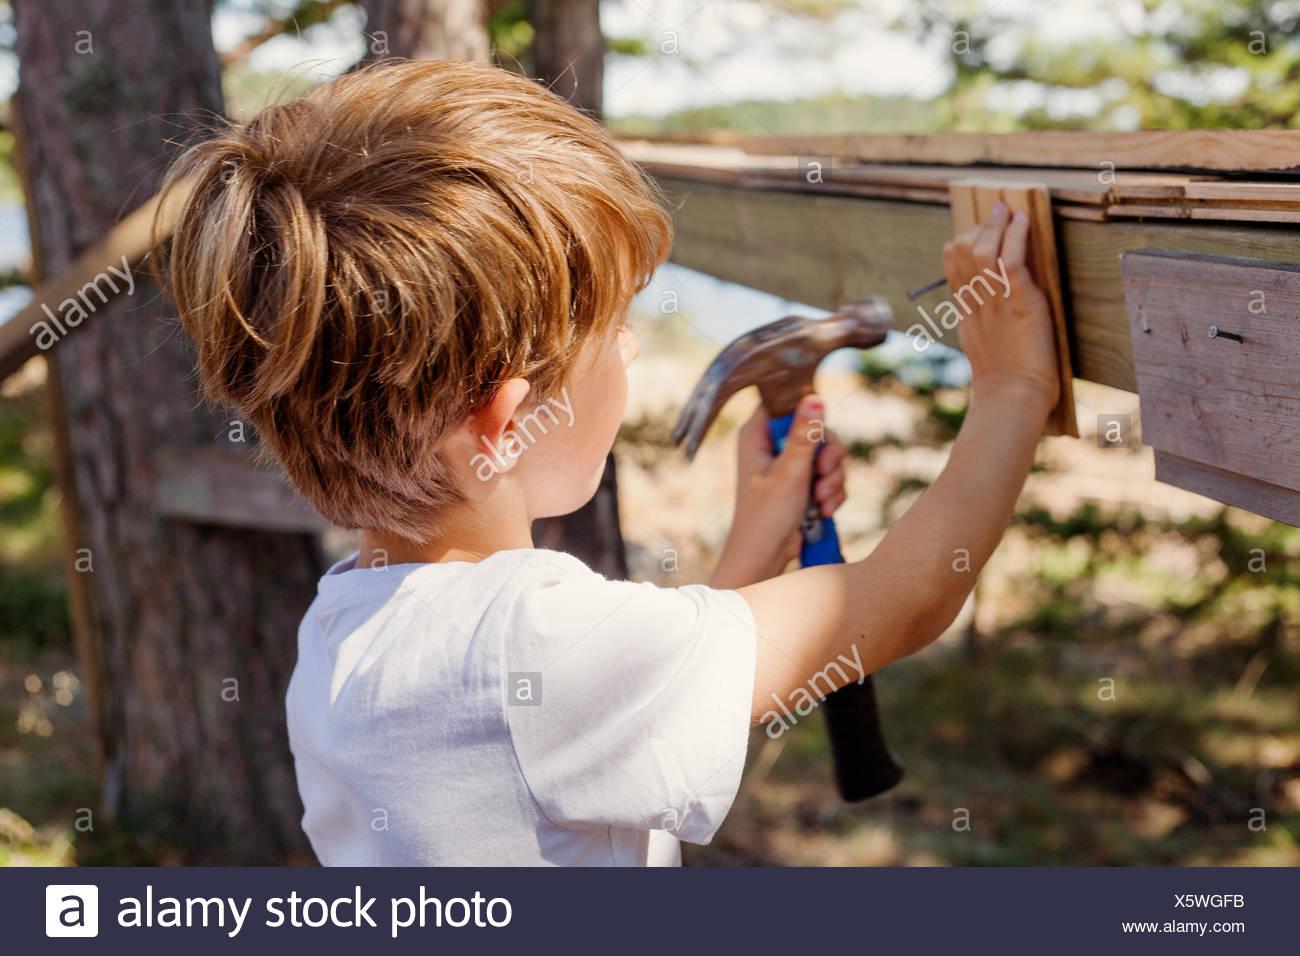 La Suède, l'Uppland, Runmaro Barrskar, garçon, (4-5) pounding hammer Photo Stock